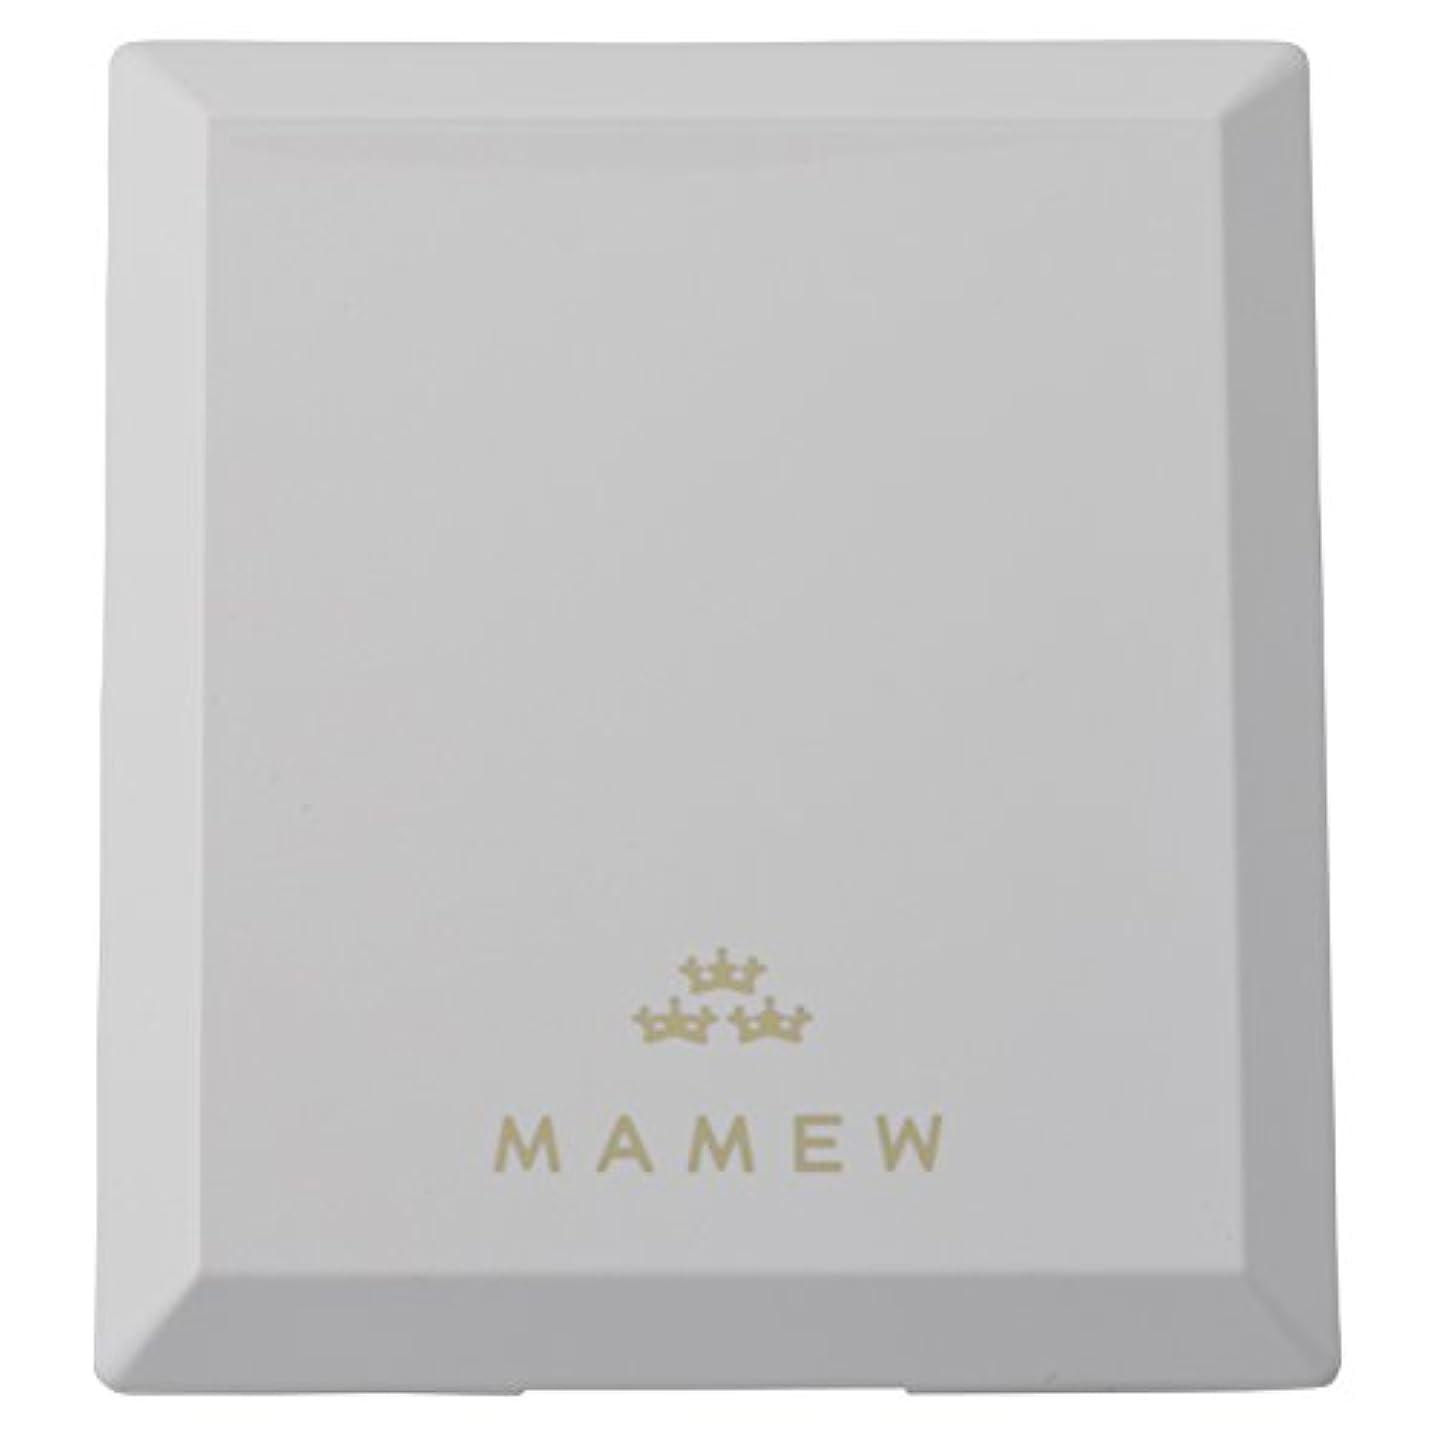 反論者セール盲目MAMEW(マミュ) カラーコレクションケース-メイクパレッド 鏡付き